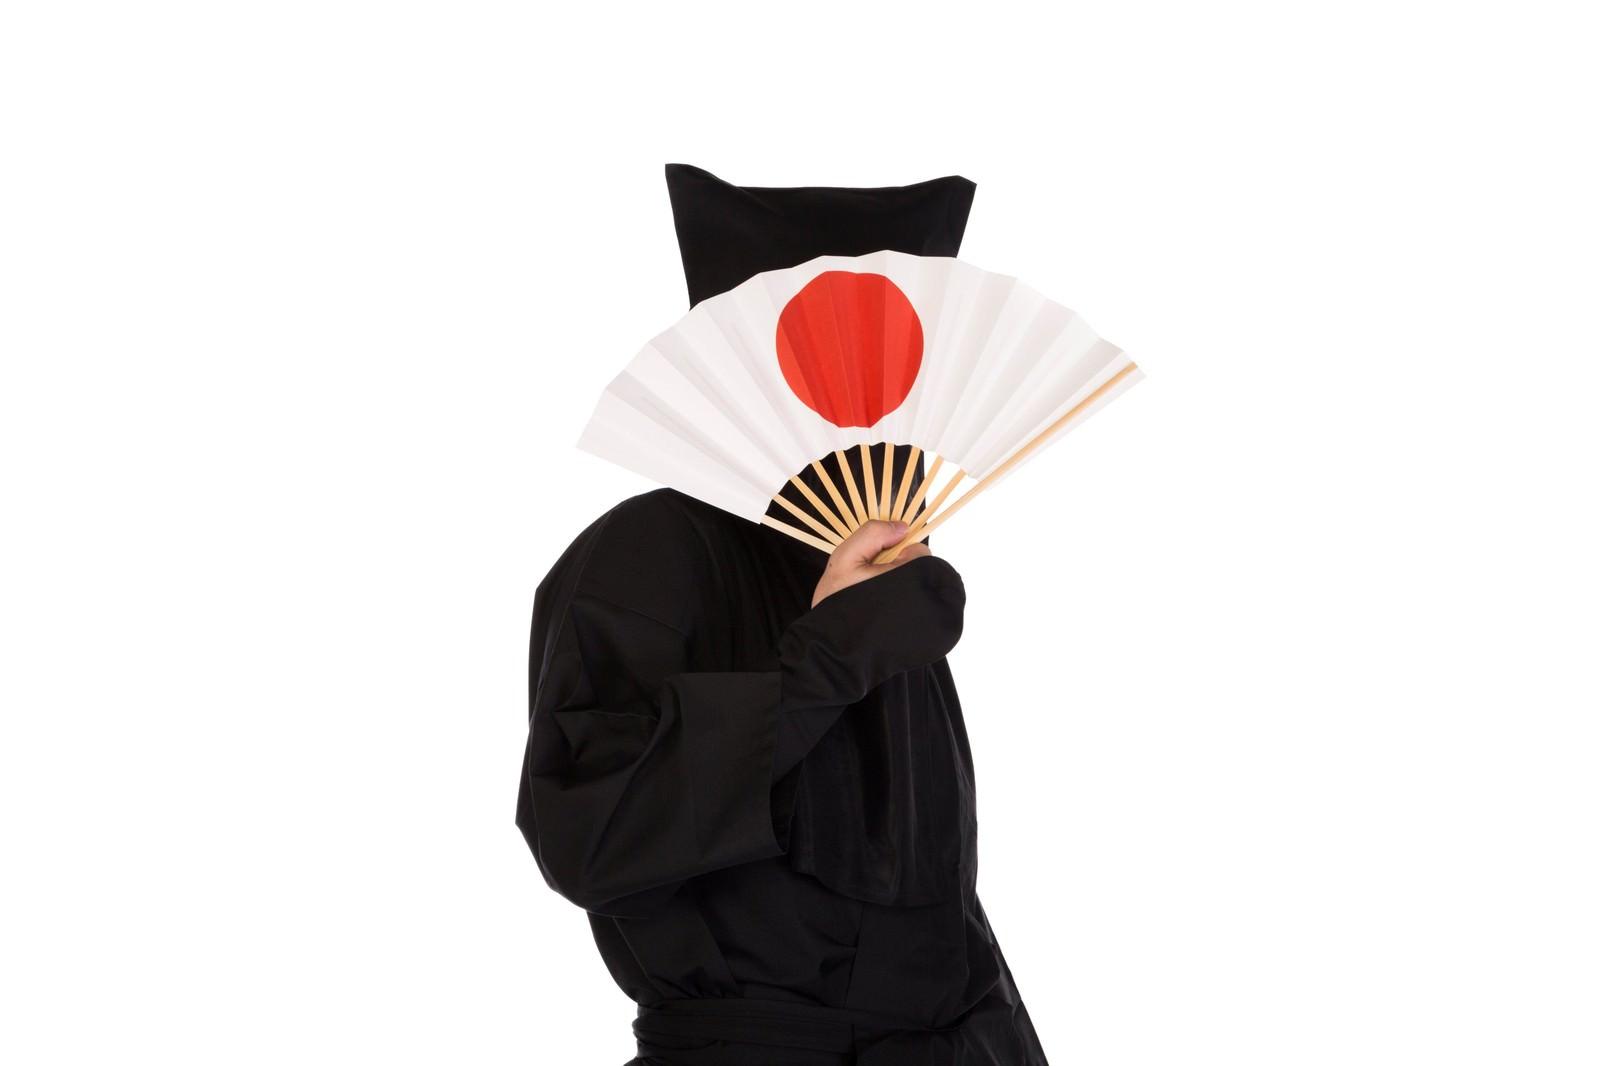 「ヨッ!日本一(ニッポンイチィ)ヨッ!日本一(ニッポンイチィ)」[モデル:鈴木秀]のフリー写真素材を拡大